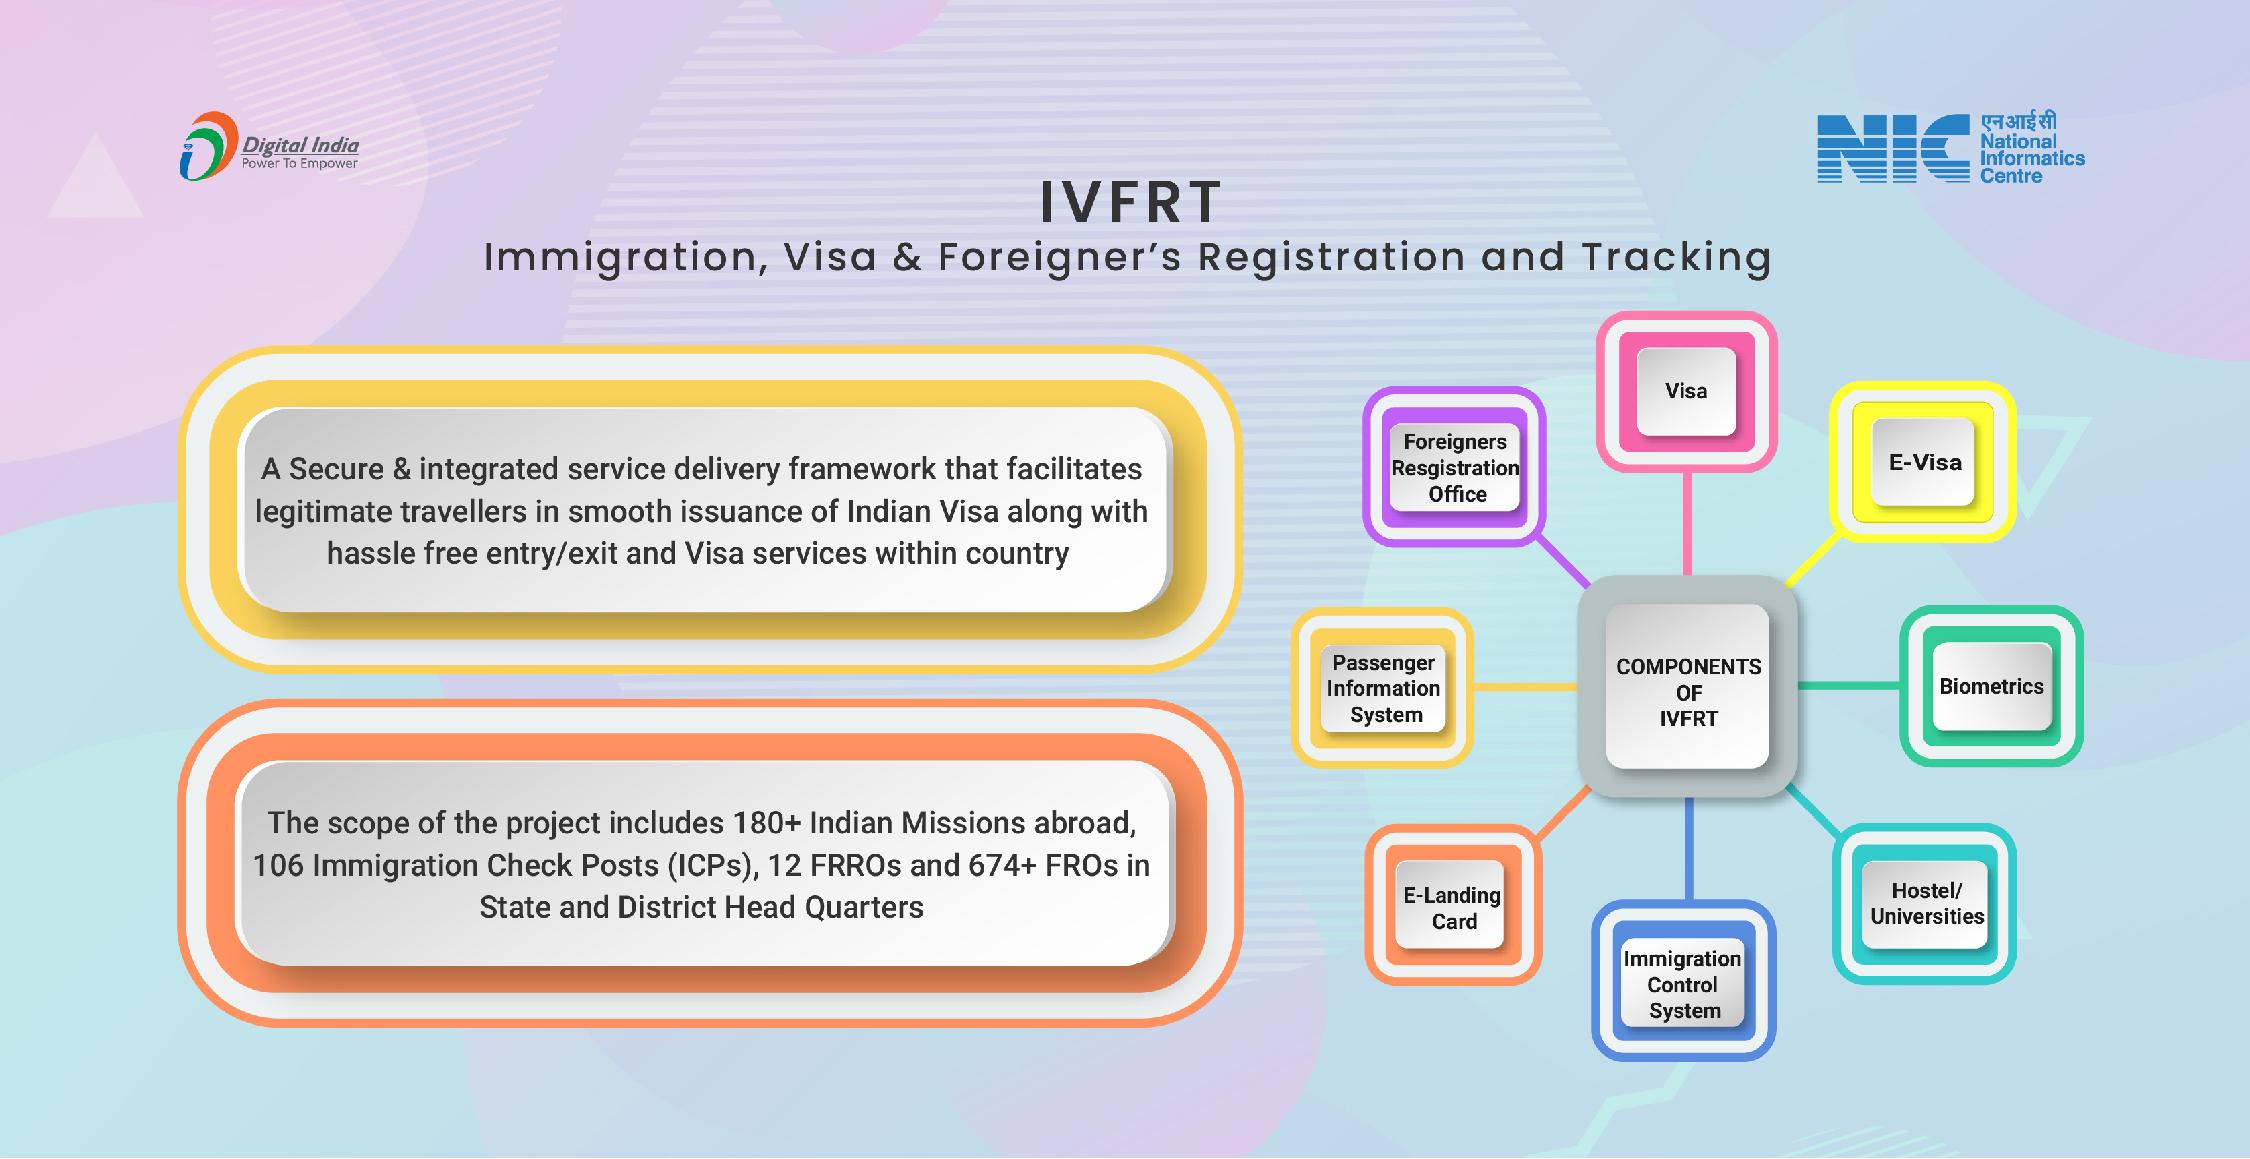 आप्रवासन, वीजा और विदेशियों का पंजीकरण और ट्रैकिंग (IVFRT)